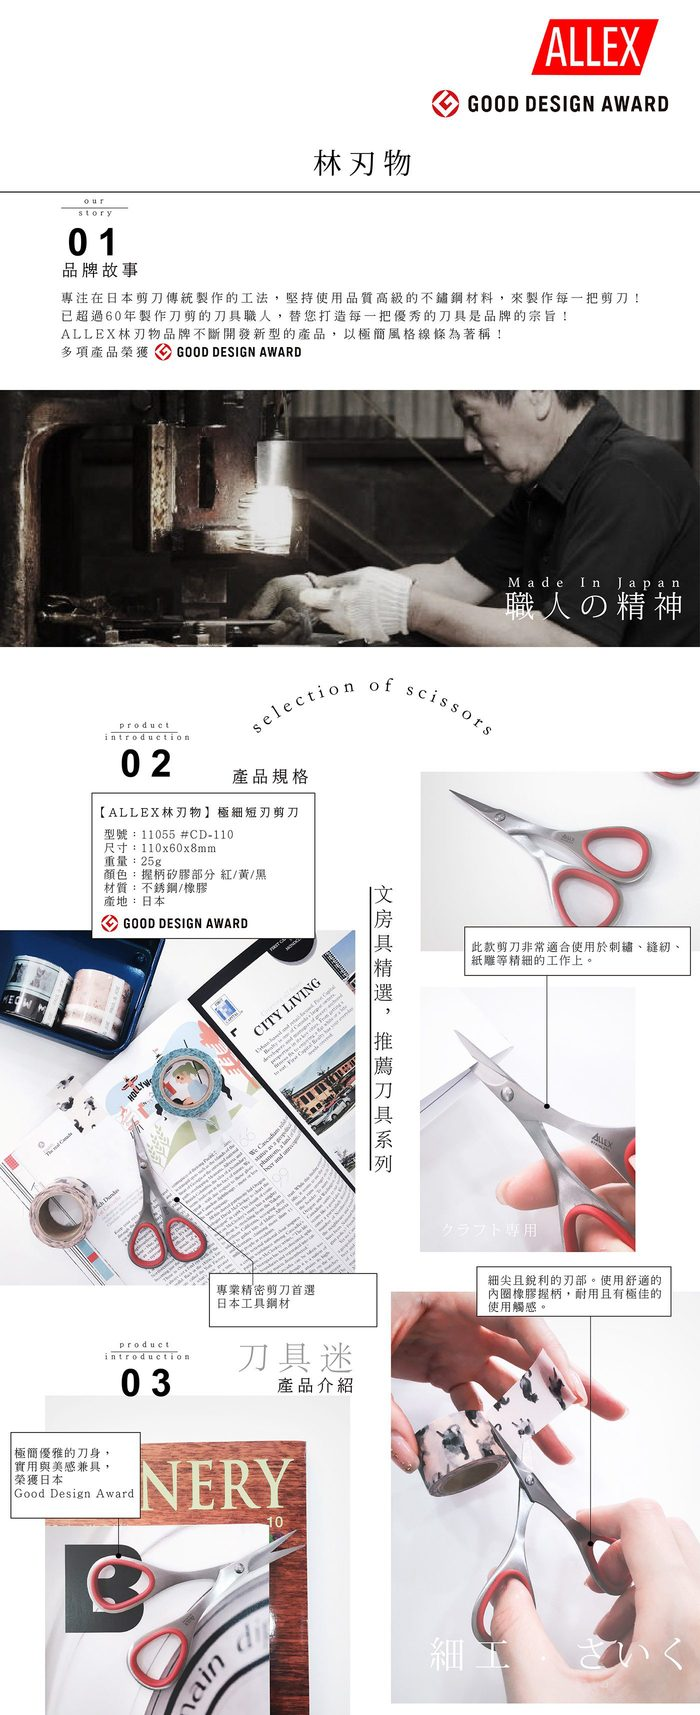 (複製)ALLEX林刃物|長刃剪刀-紅